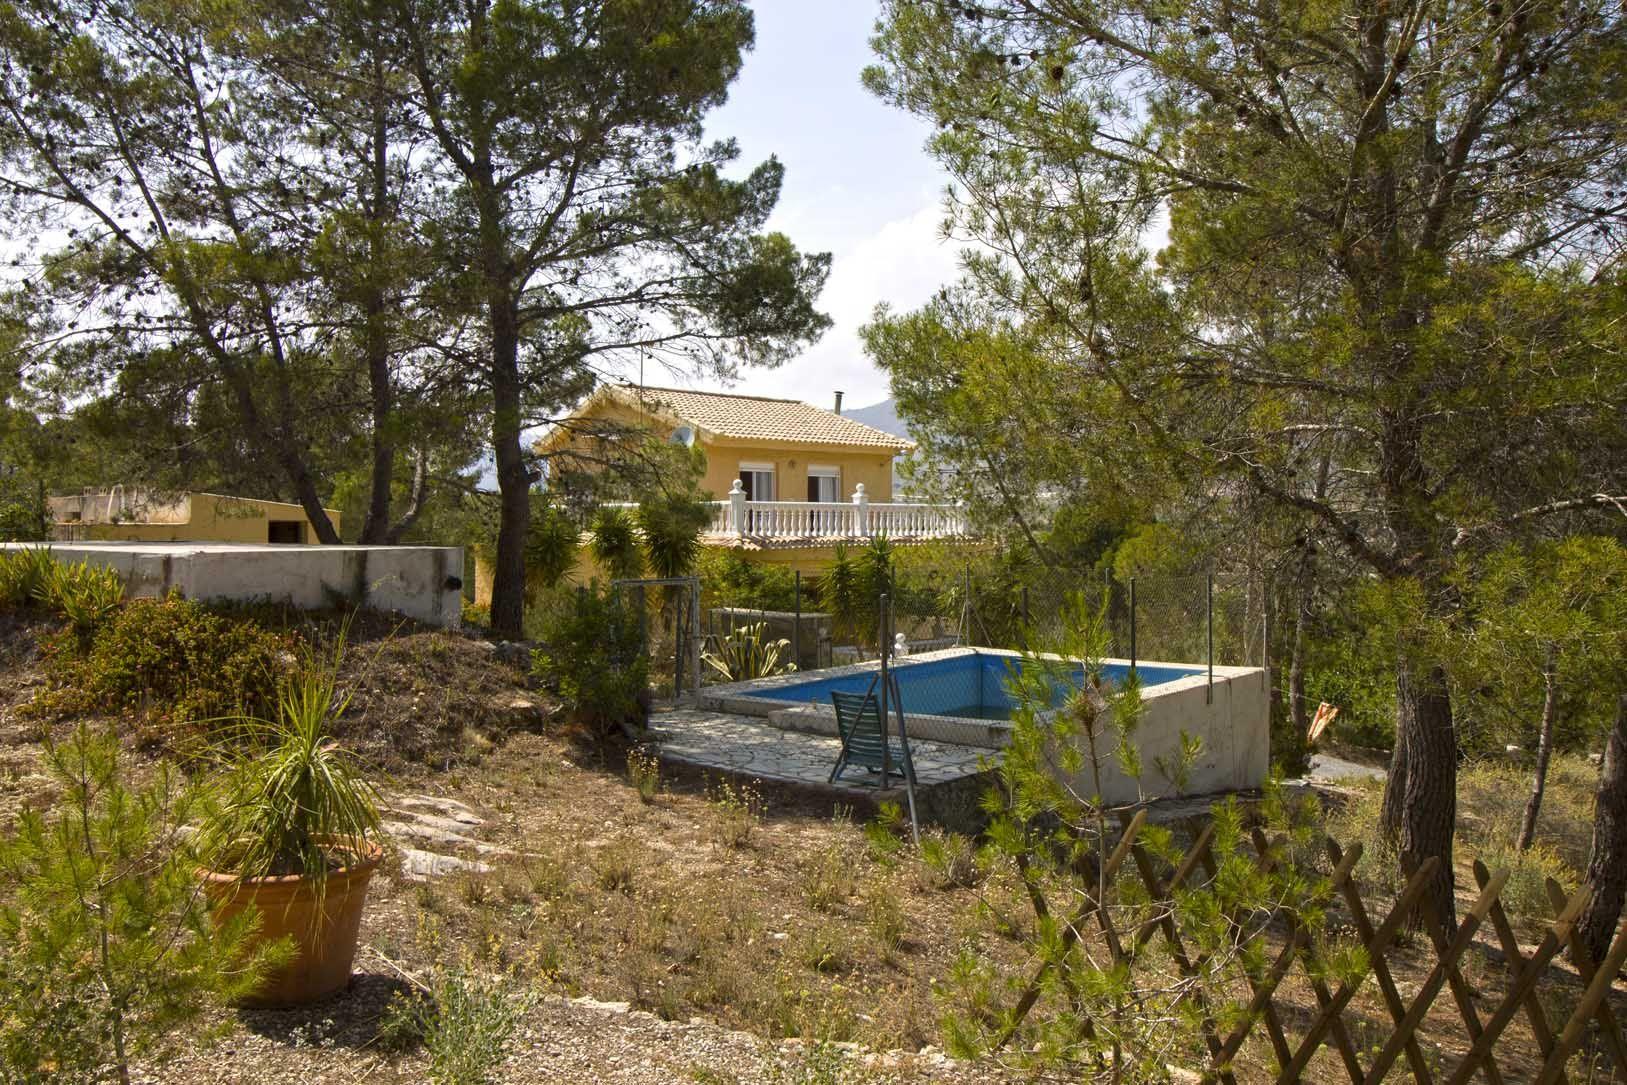 Villa in Fondó de les Neus, el/Hondón de las Nieves, for sale